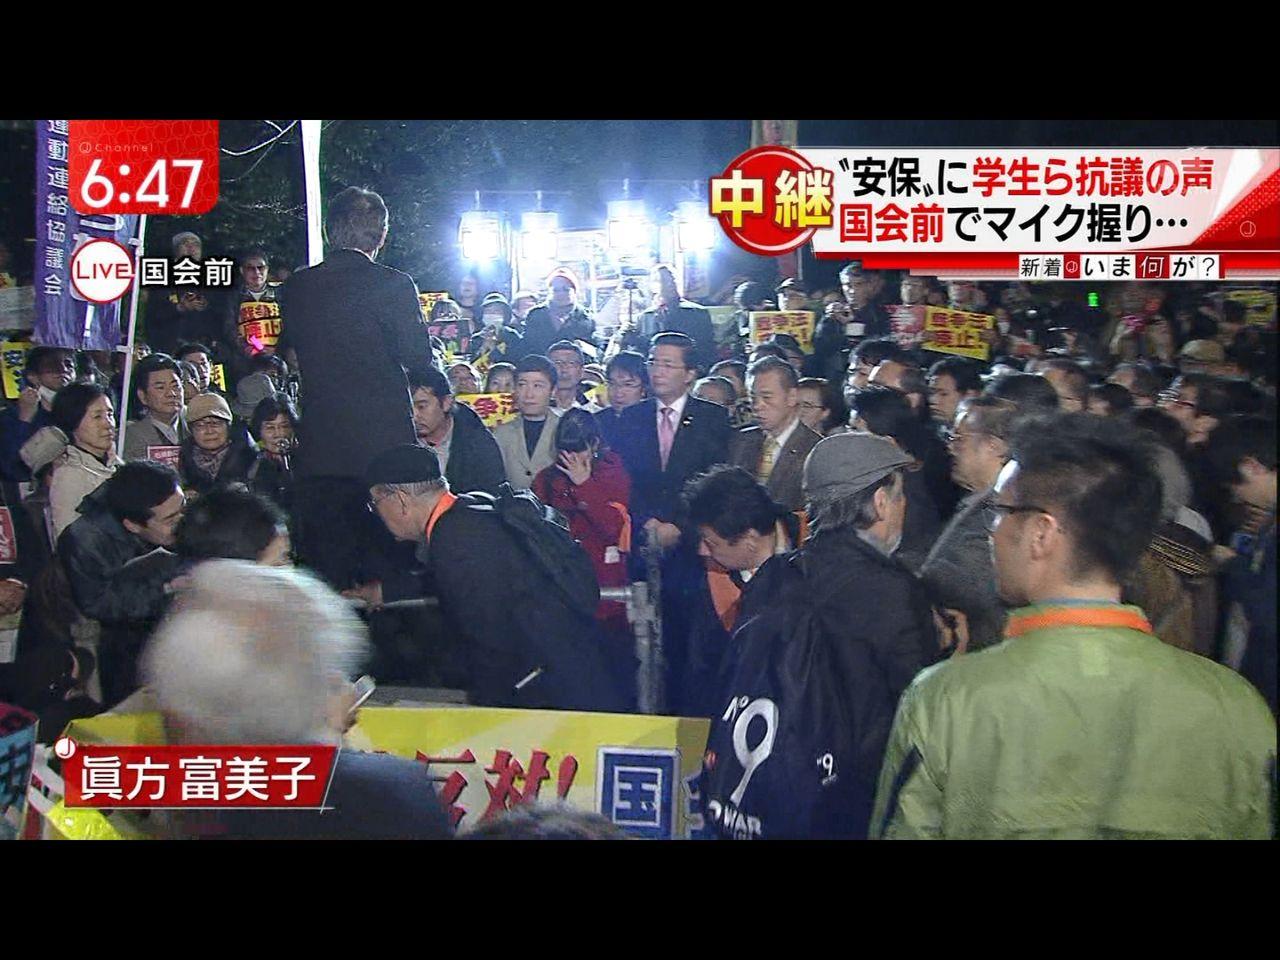 http://livedoor.blogimg.jp/gensen_2ch/imgs/2/2/225f423a.jpg